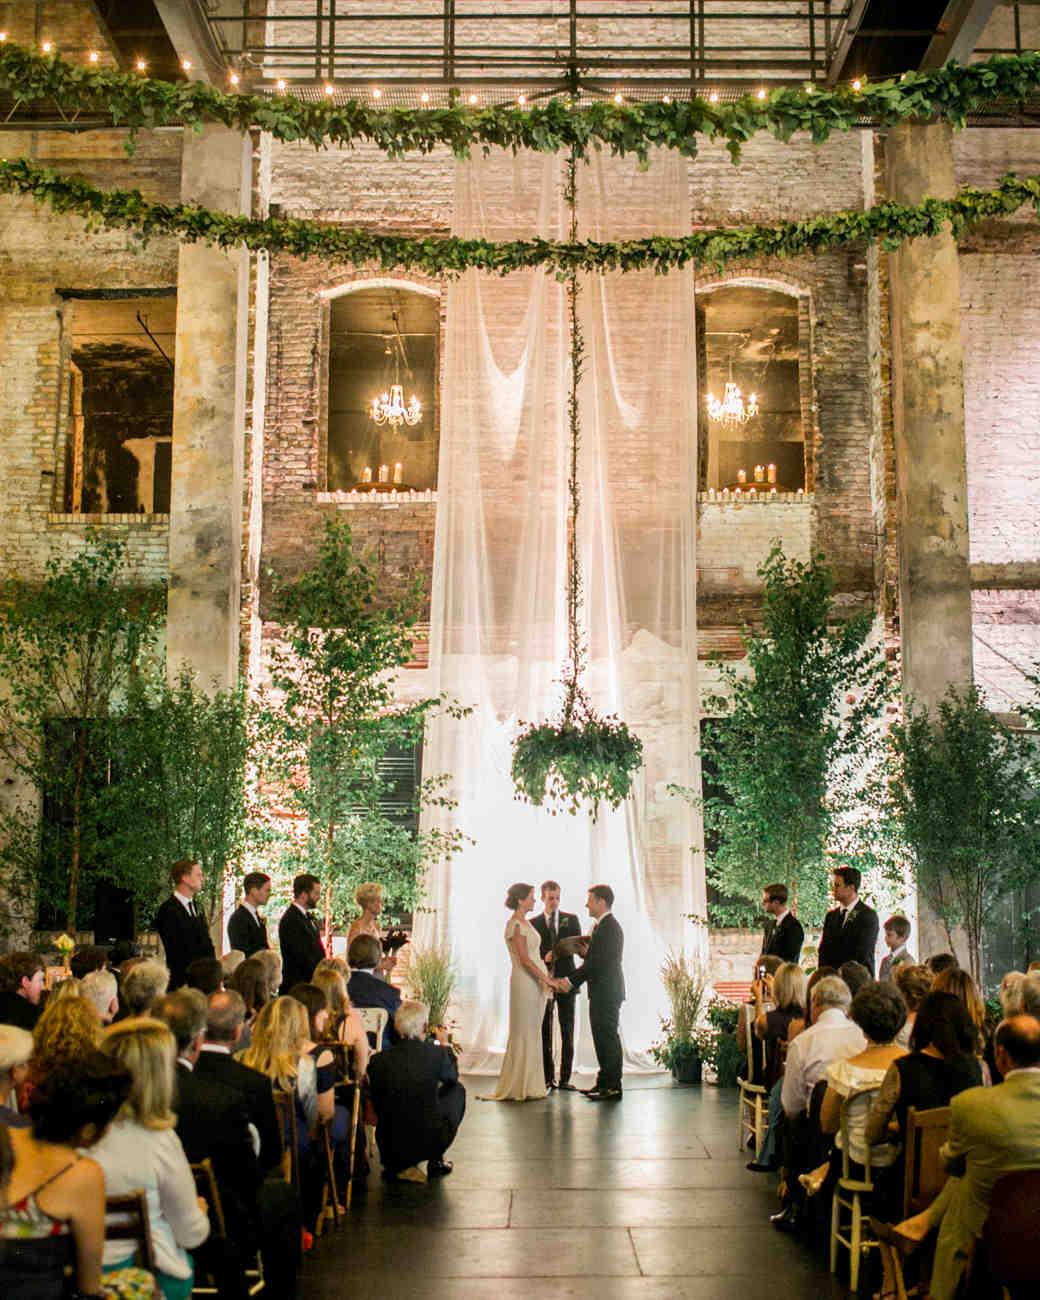 Los angeles art gallery wedding venues